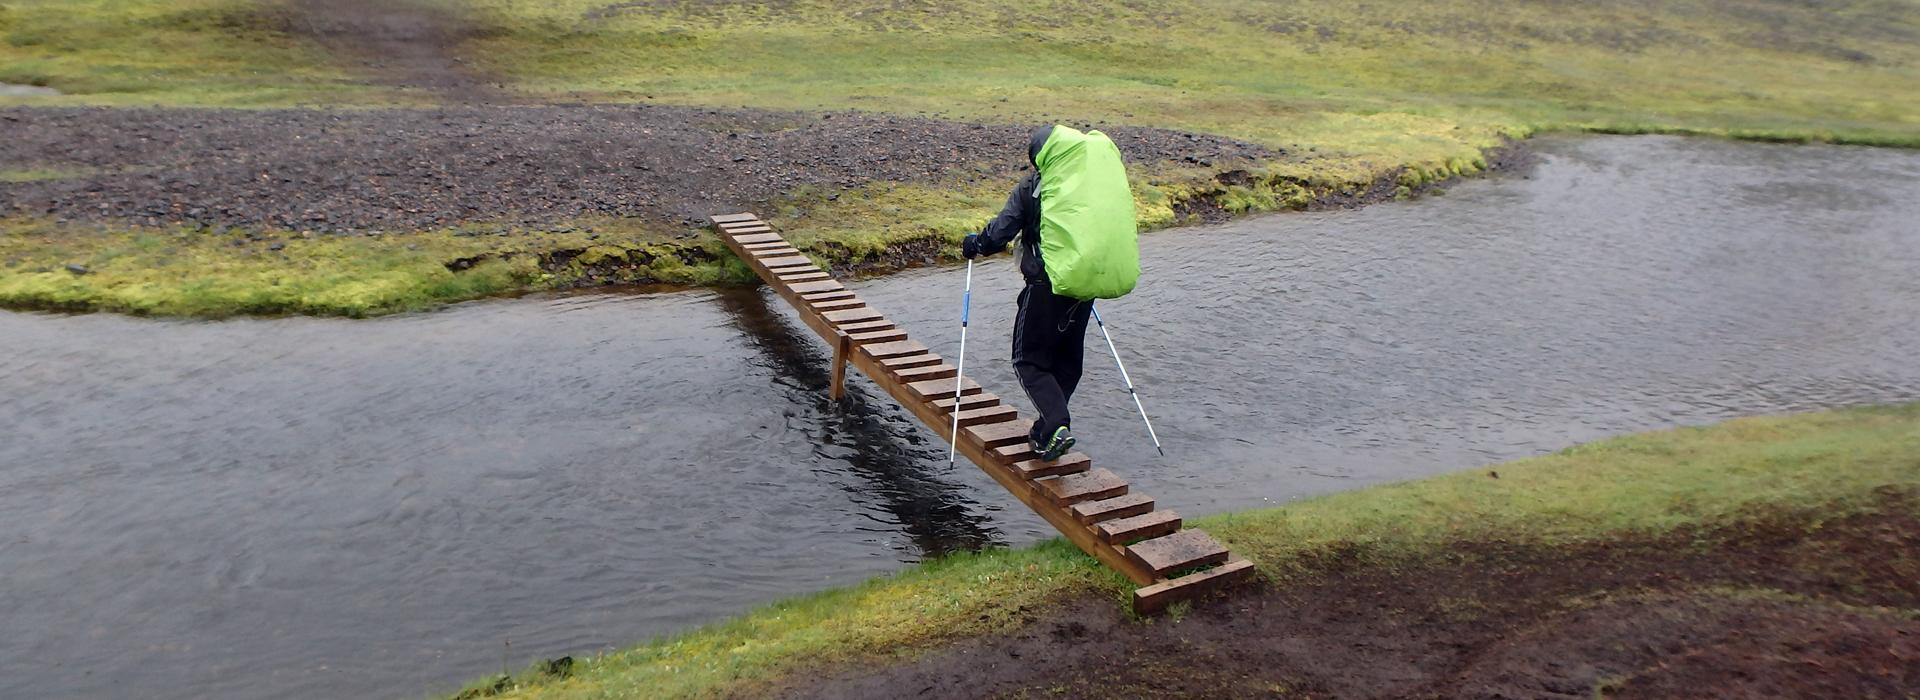 6 raisons d'utiliser des bâtons de randonnée